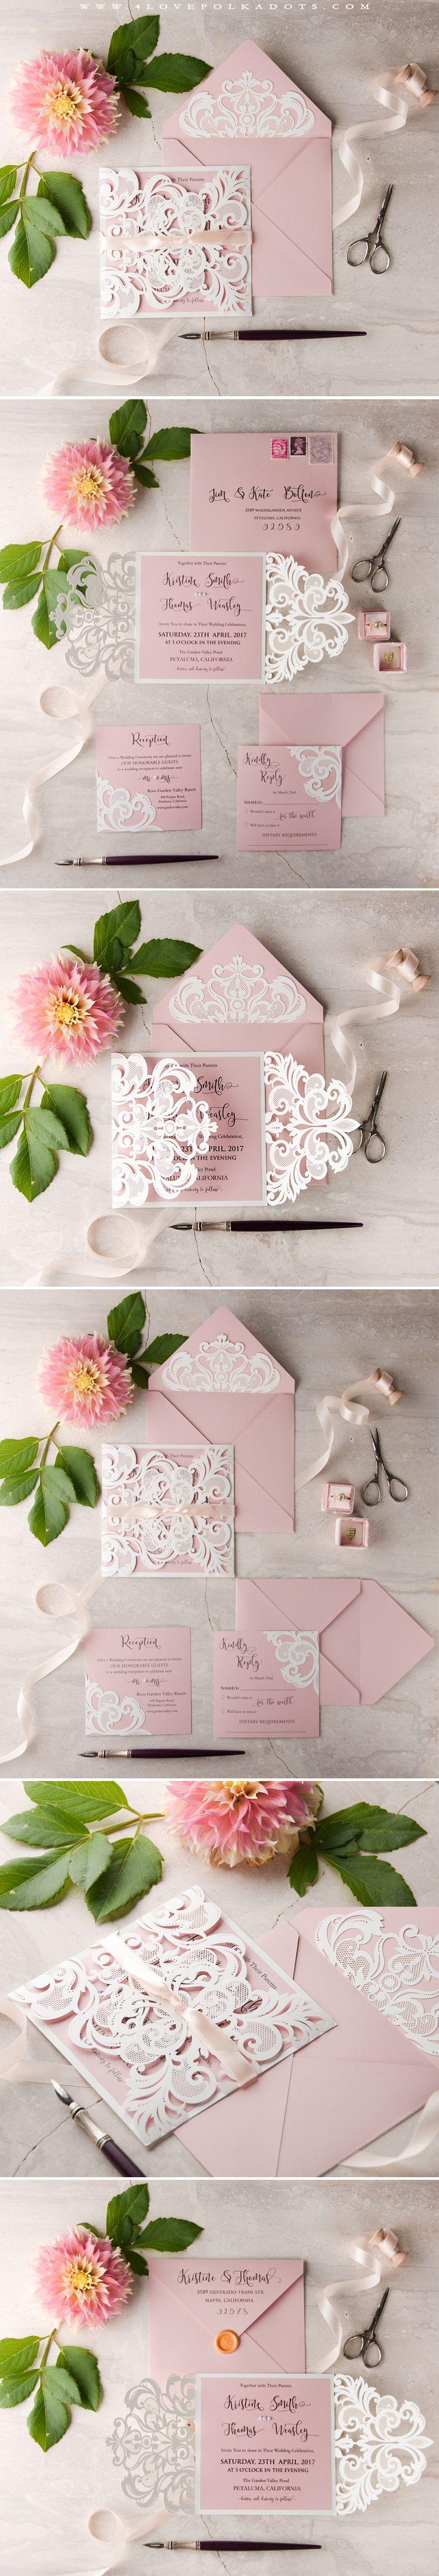 Blush Pink & White Wedding Invitation with laser cut lace #romanticwedding #lace #weddingideas